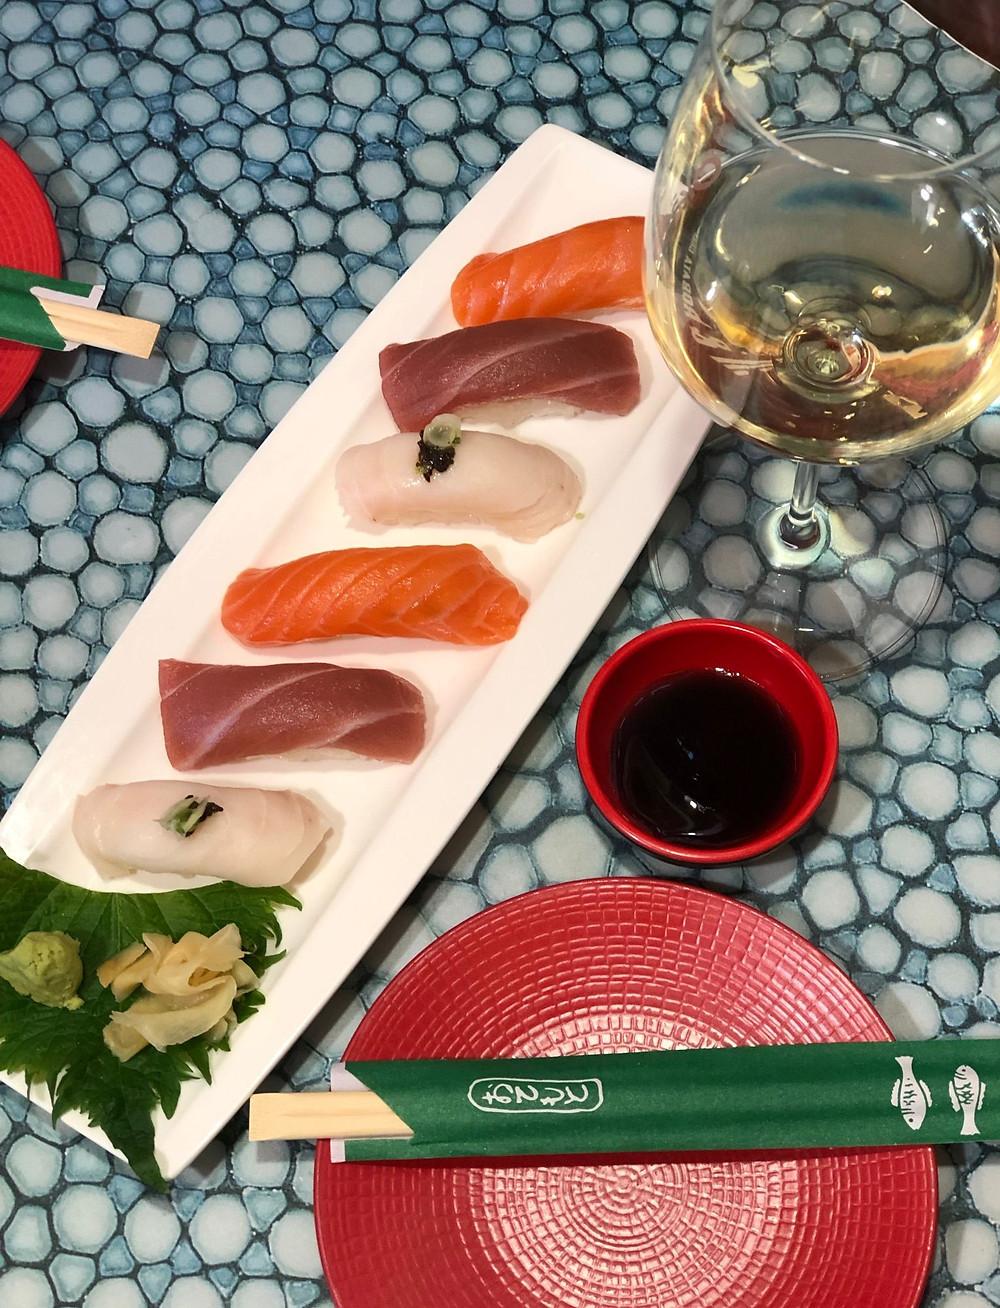 Empezar comiendo unos nigiri es un comienzo ideal.